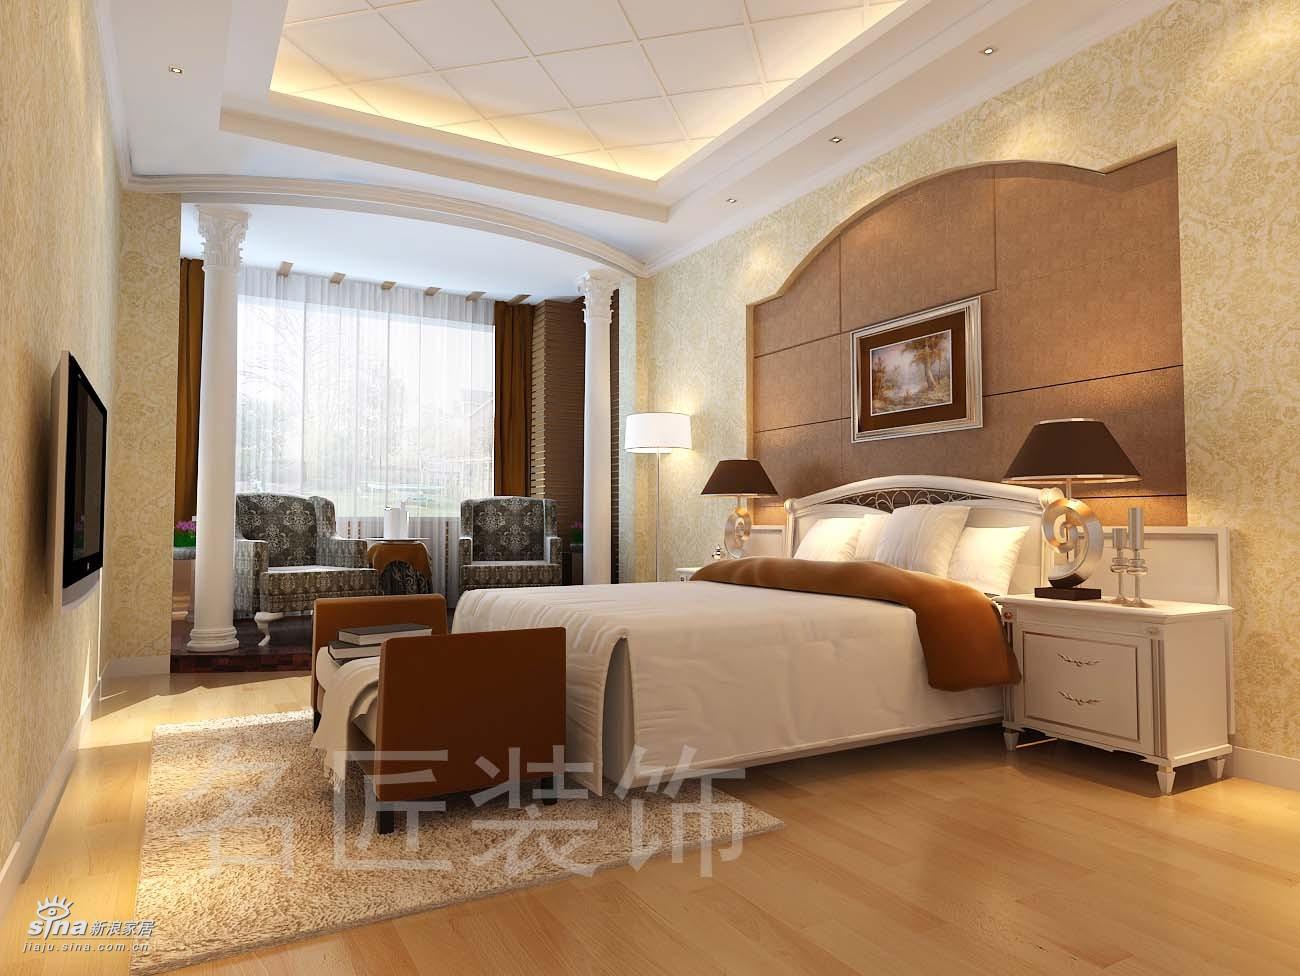 欧式 别墅 卧室图片来自用户2746953981在陆总家居40的分享